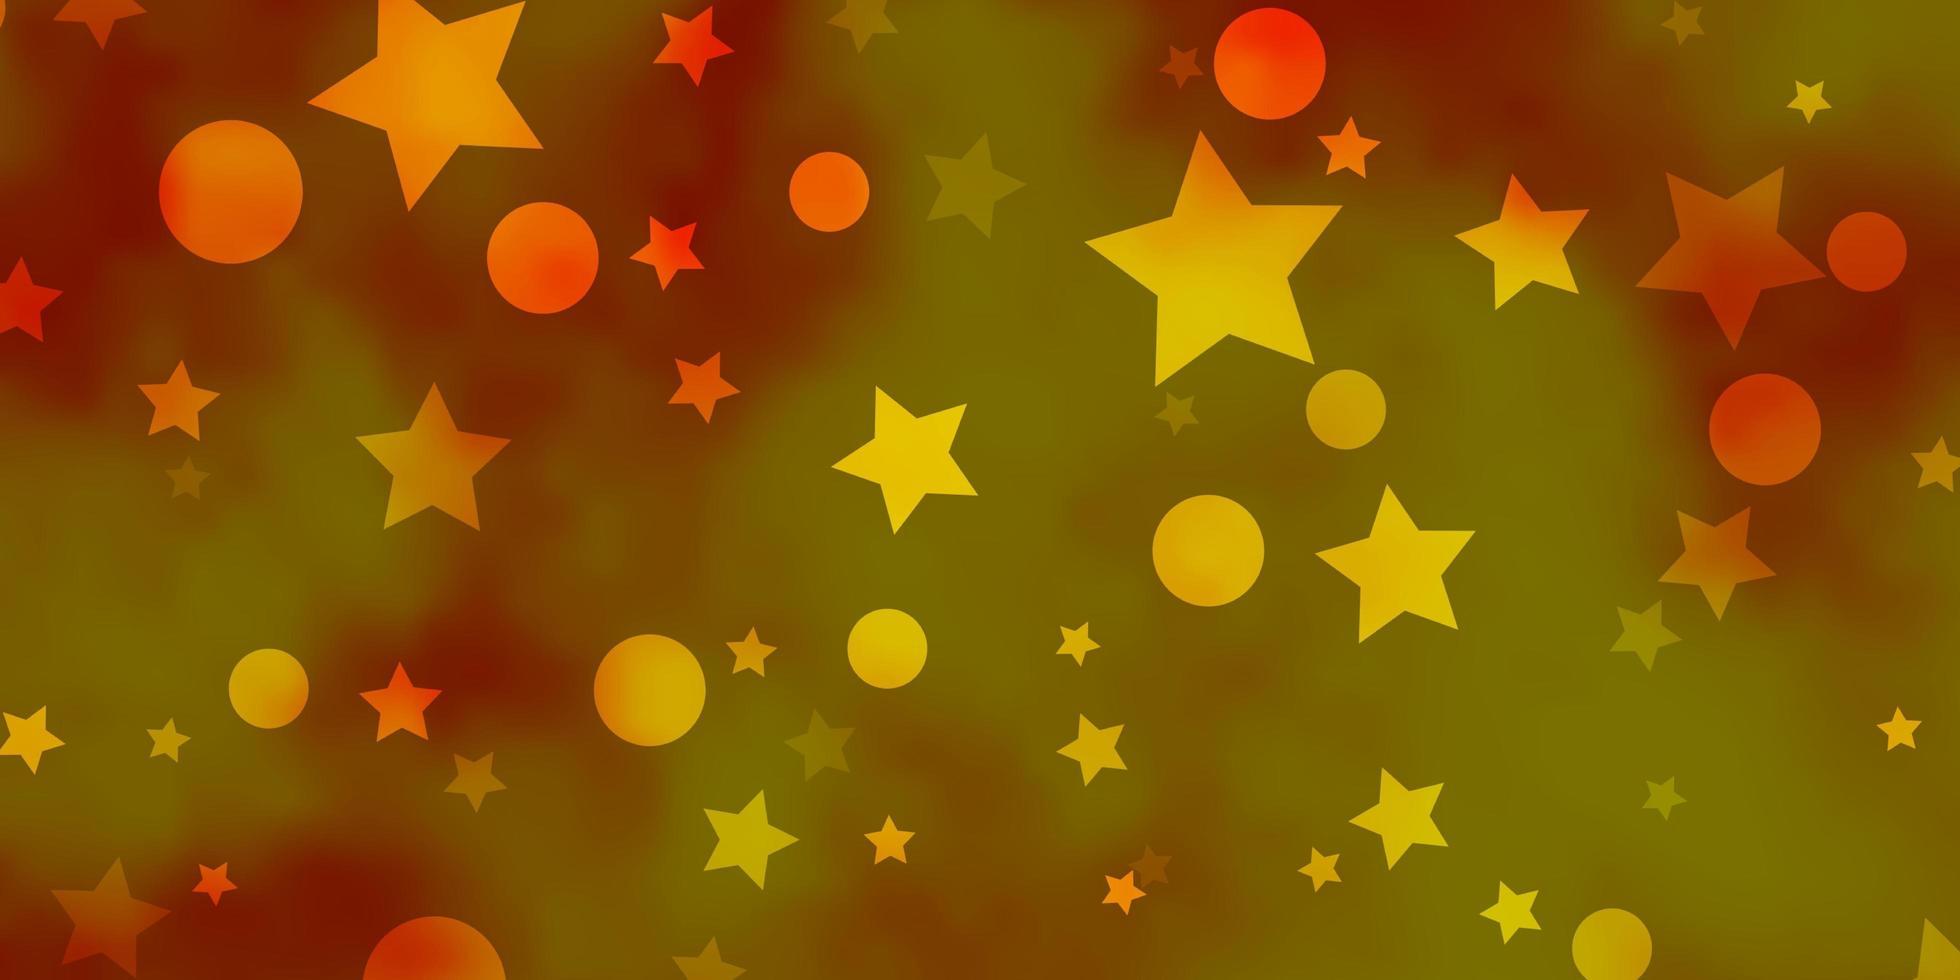 fundo amarelo escuro com círculos, estrelas. vetor